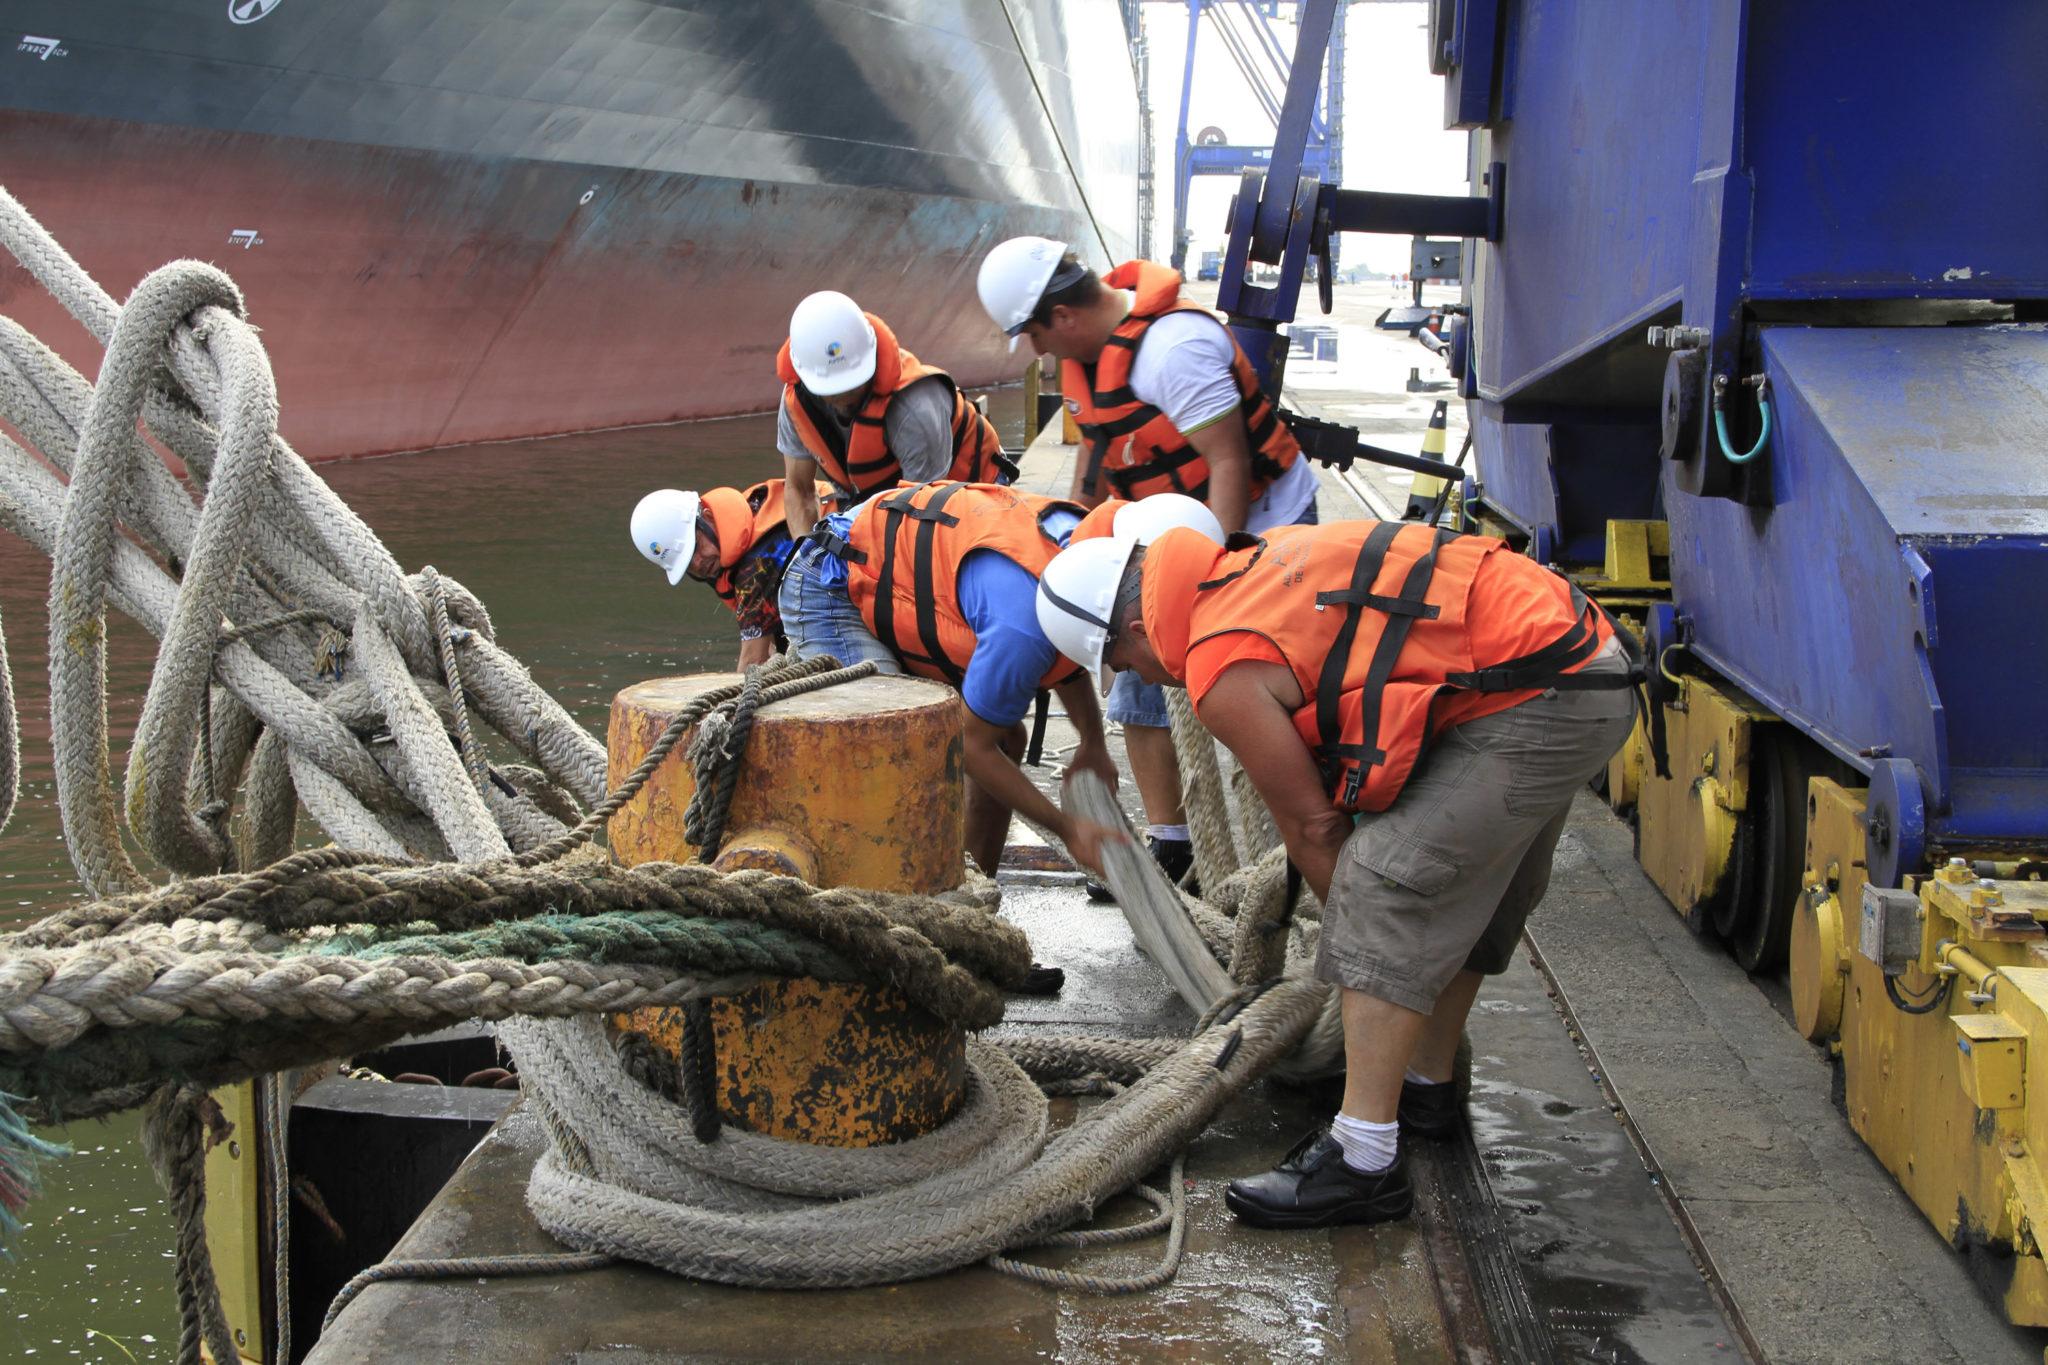 Leilões de portos brasileiros podem precarizar relações de trabalho